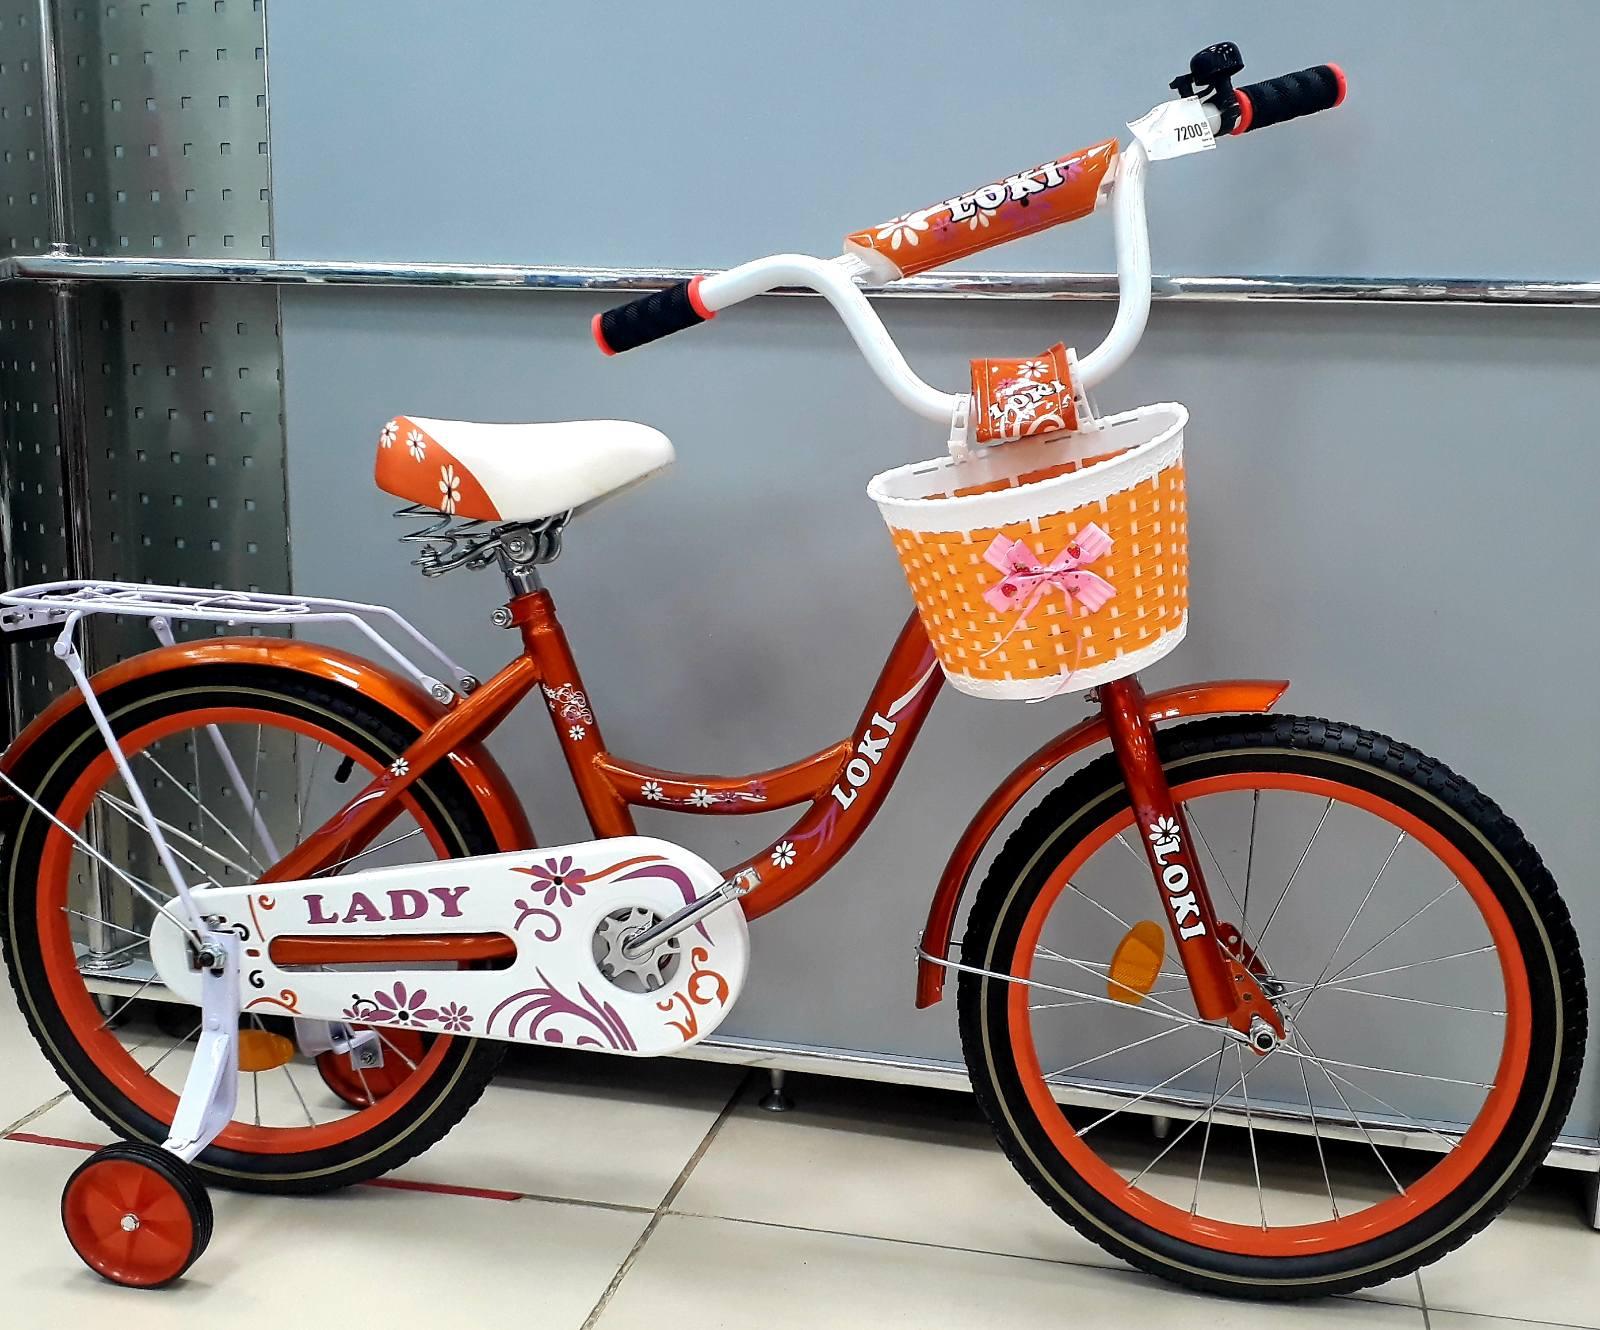 Велосипед Loky lady 18 оранжевый